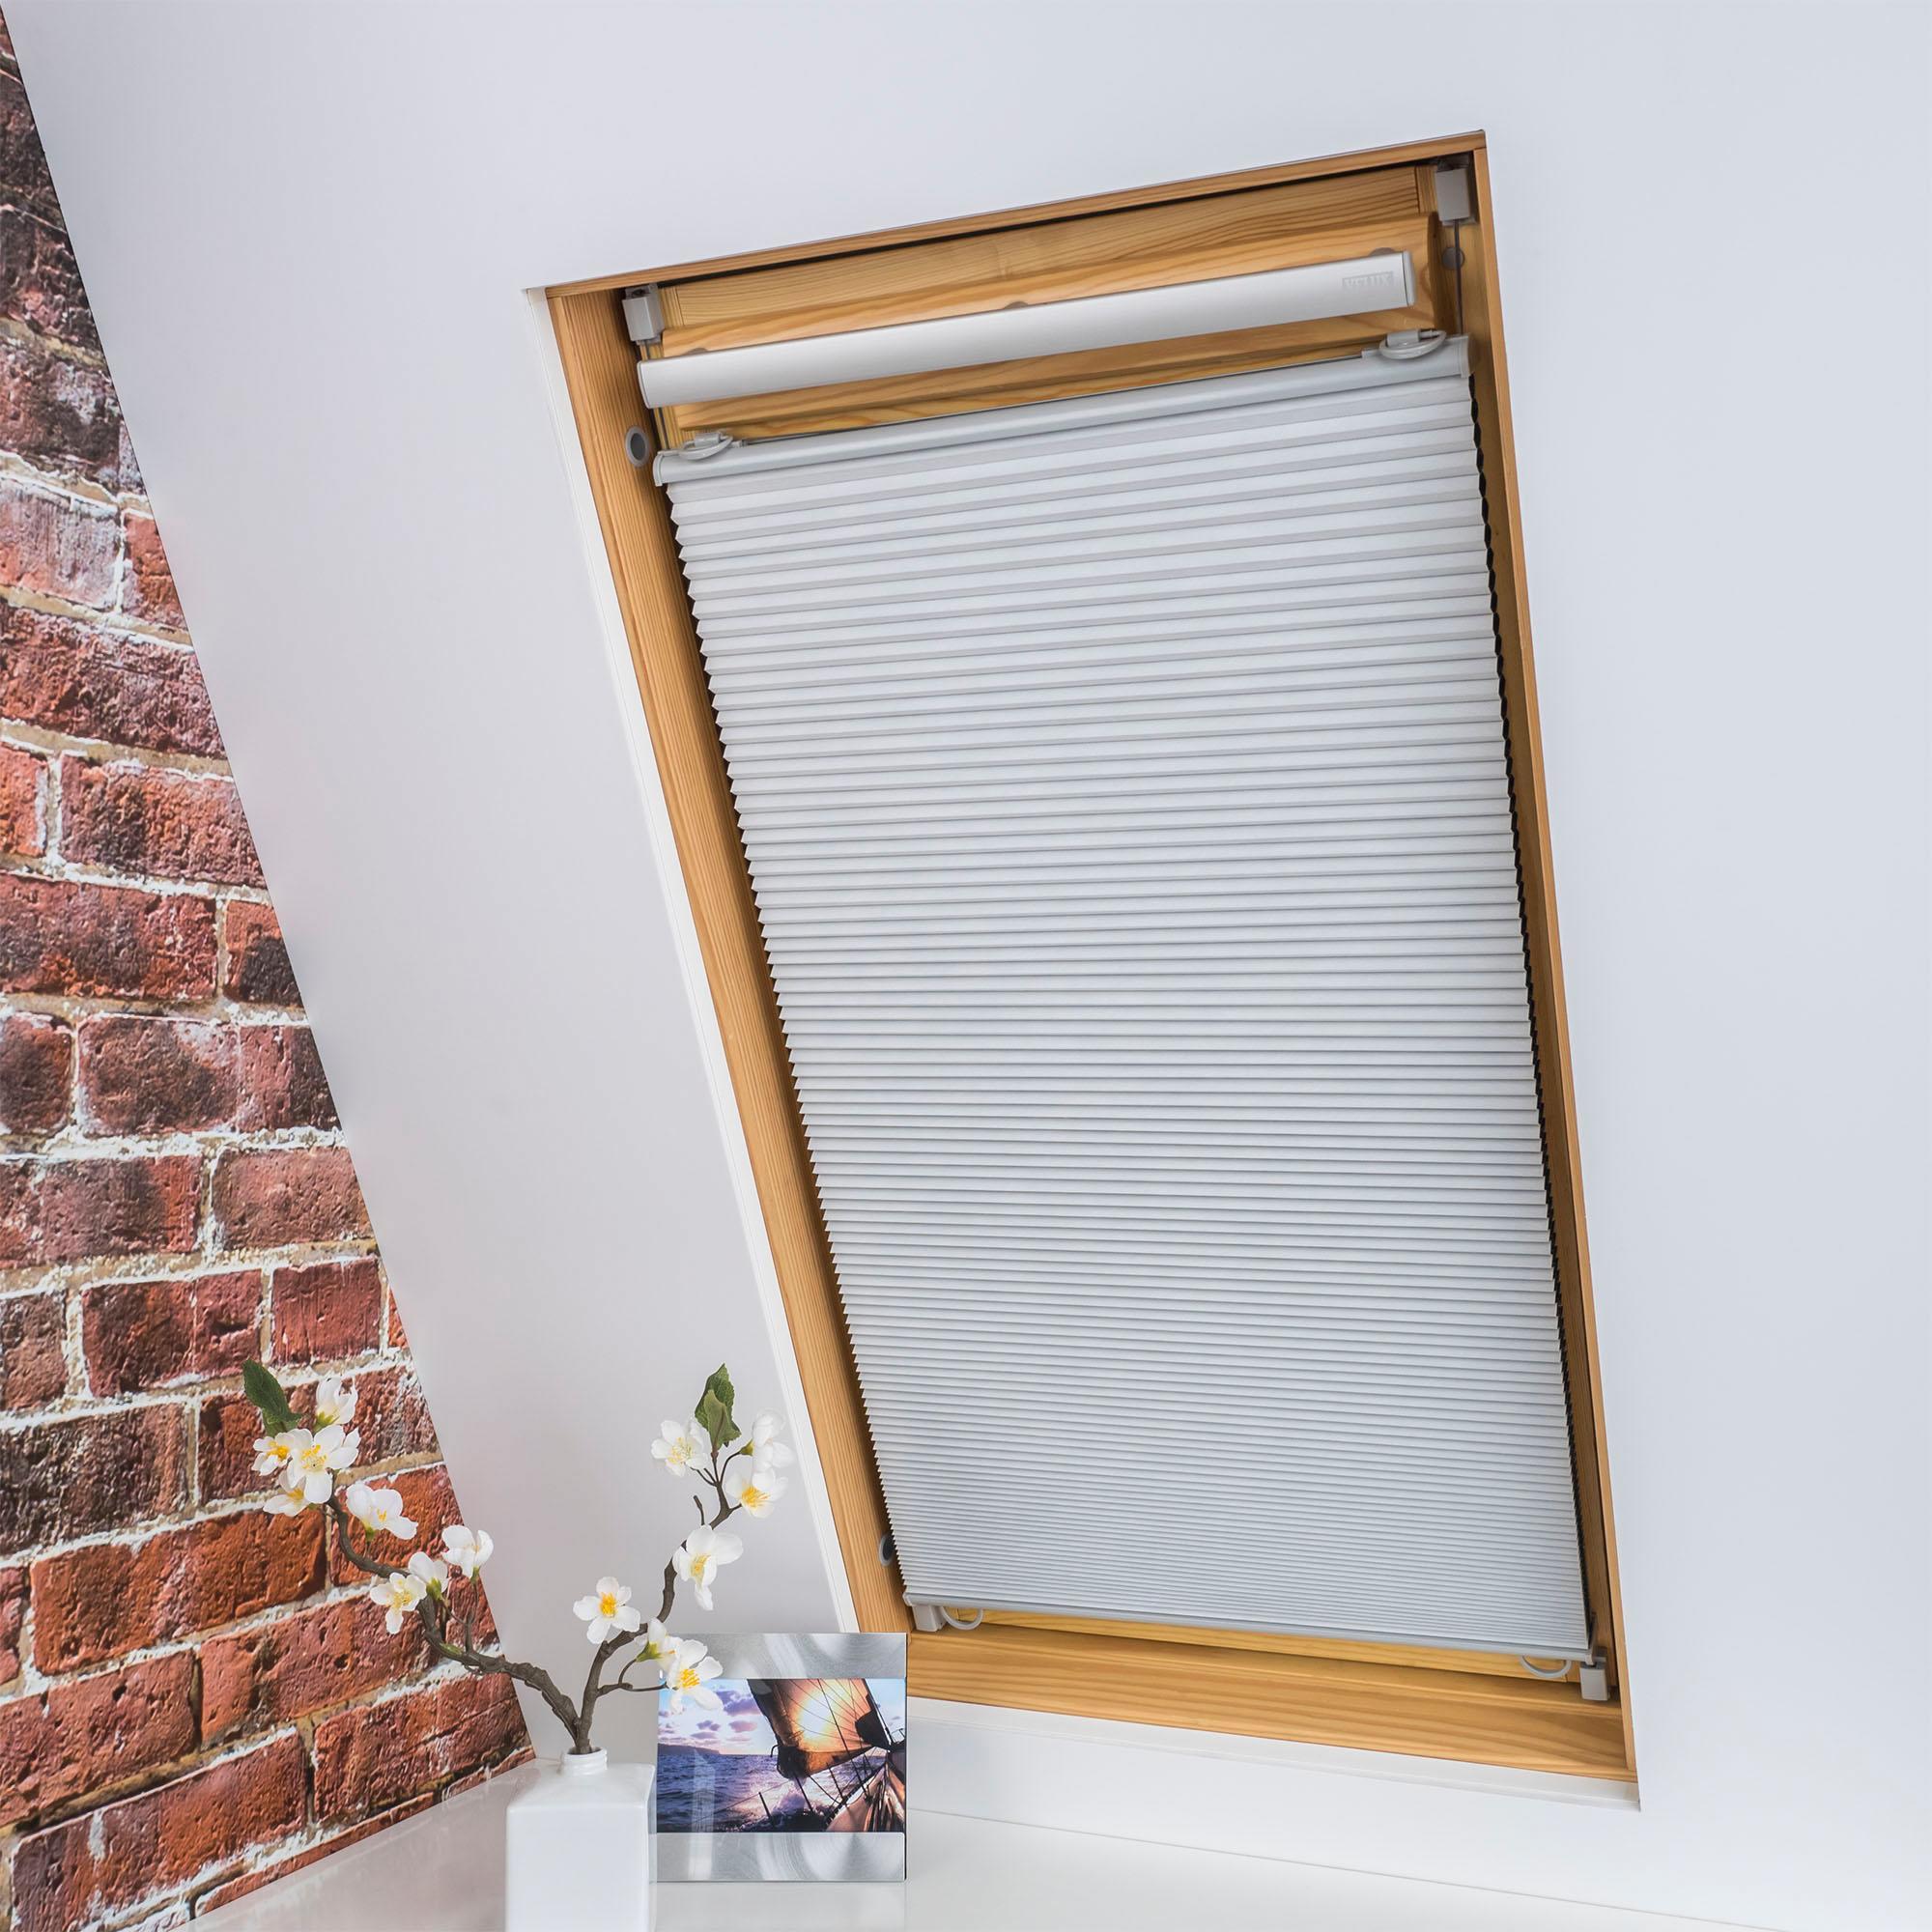 Liedeco Dachfensterplissee Universal Dachfenster-Plissee, Fixmaß weiß Plissees ohne Bohren Rollos Jalousien Plissee